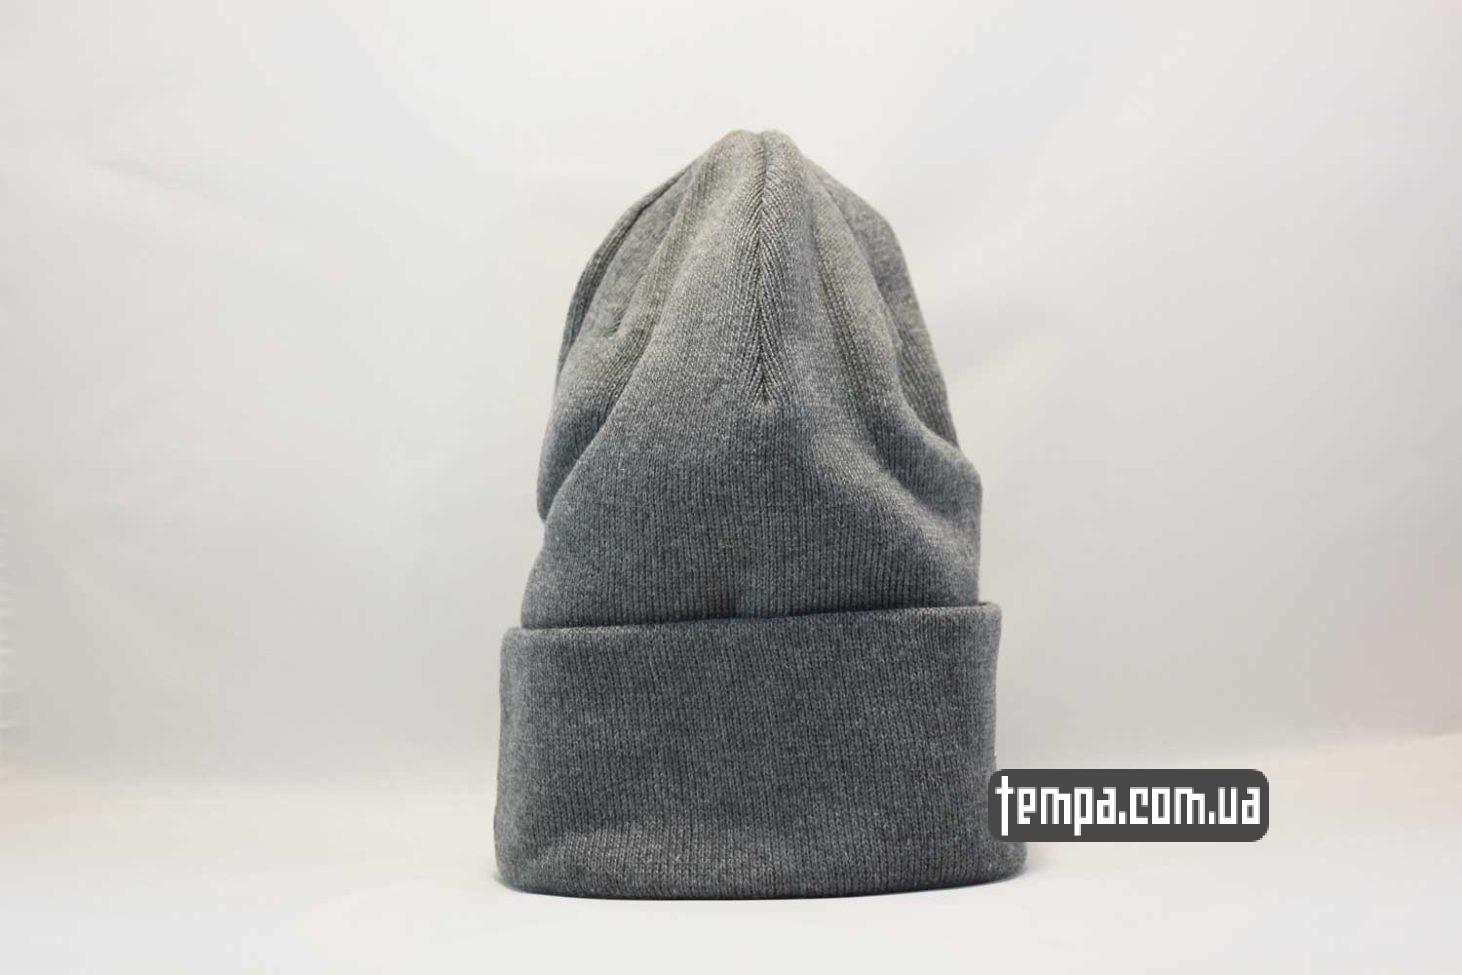 шапка бини купить украина шапка beanie Dickies grey серая купить Украина